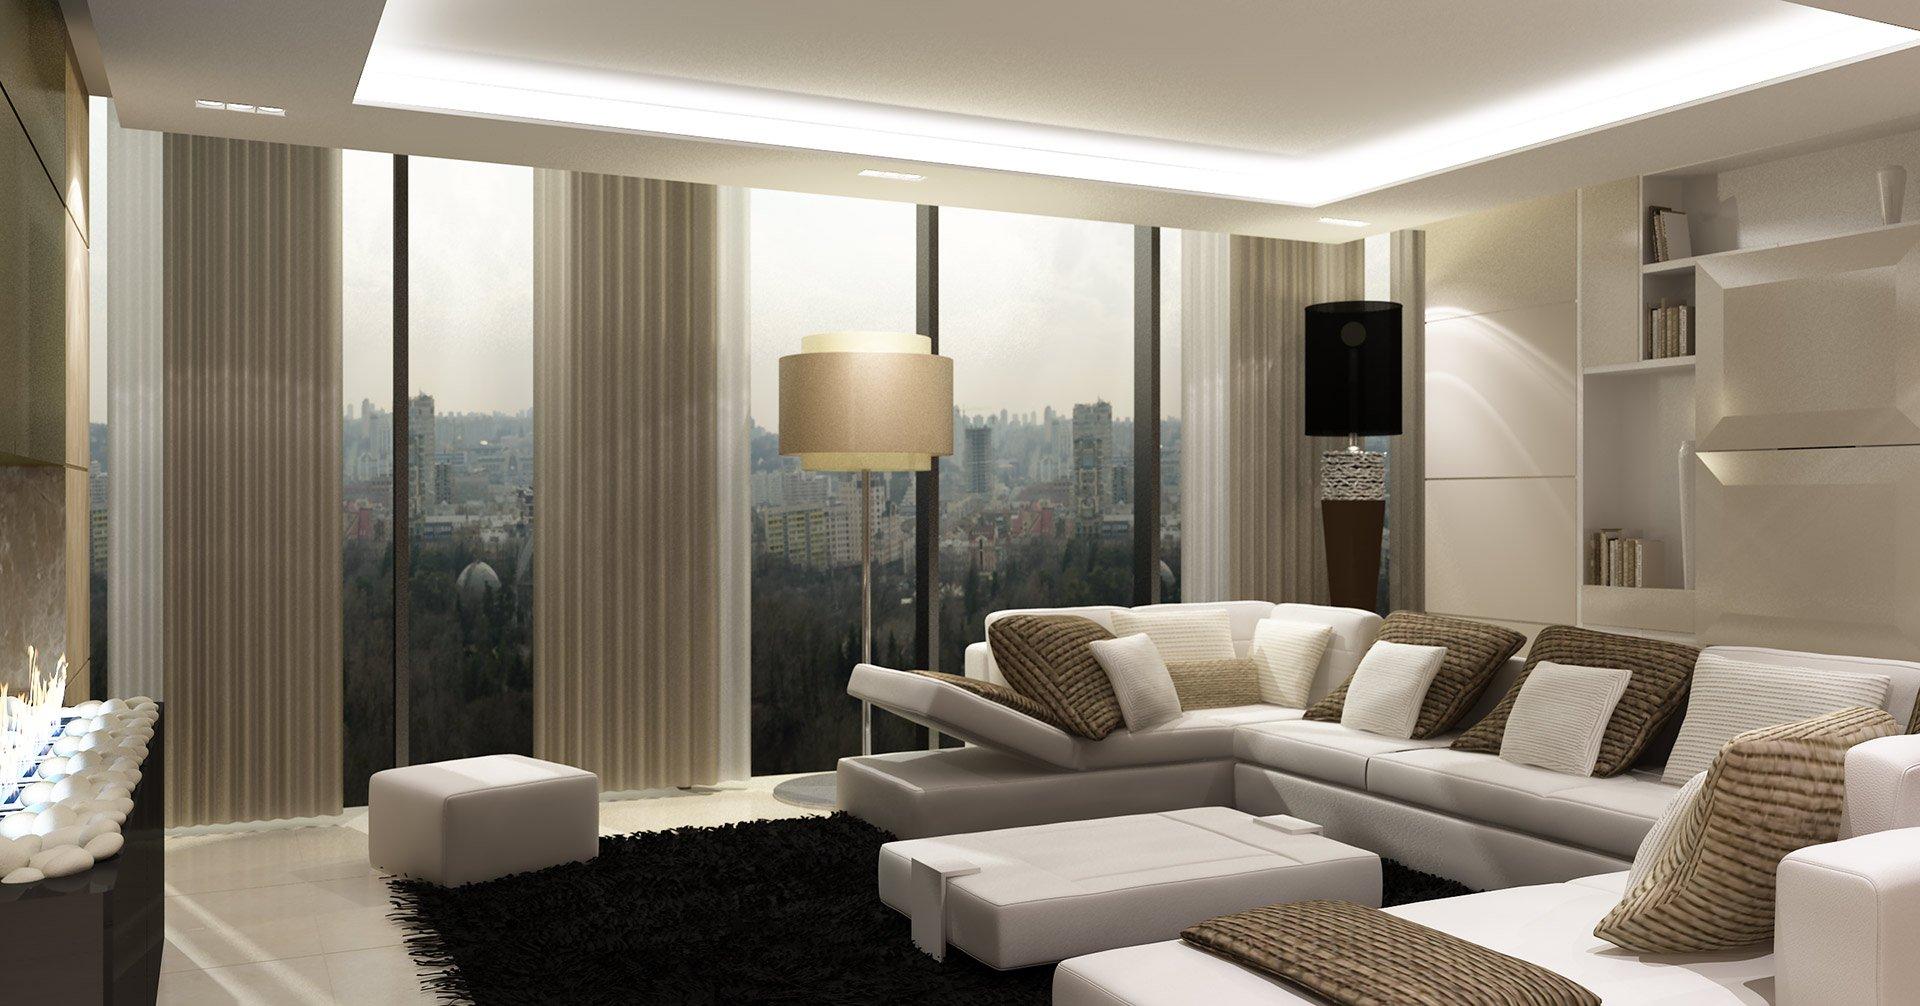 Architetti Campana - Hotel Hilton - Kiev - Soggiorno